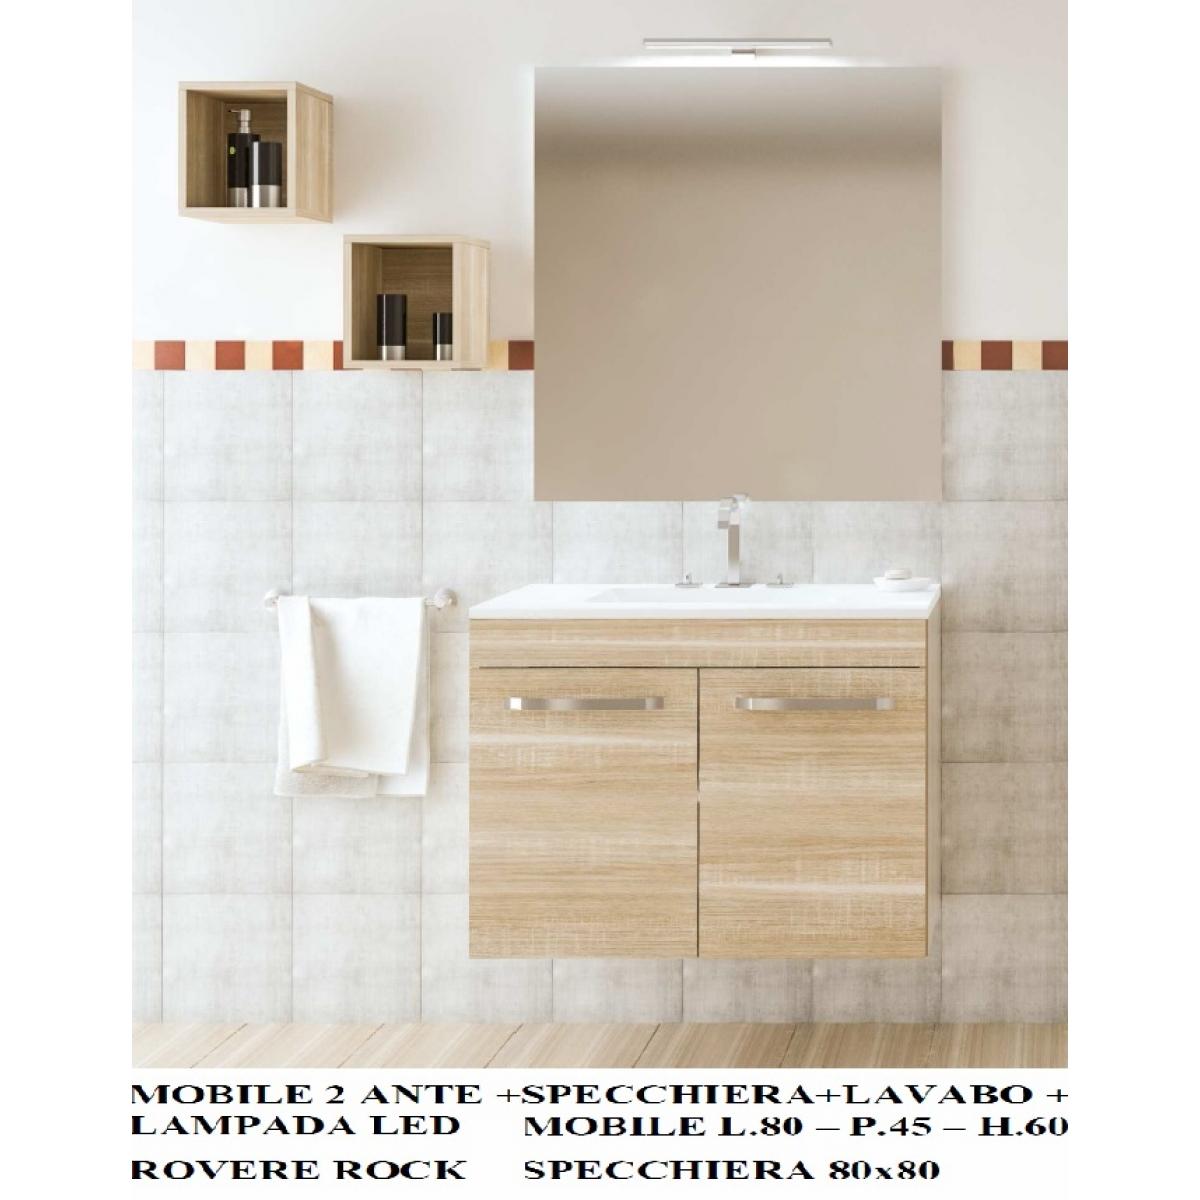 098 mobile arredamento bagno completo - Mobile Arredo Bagno Completo